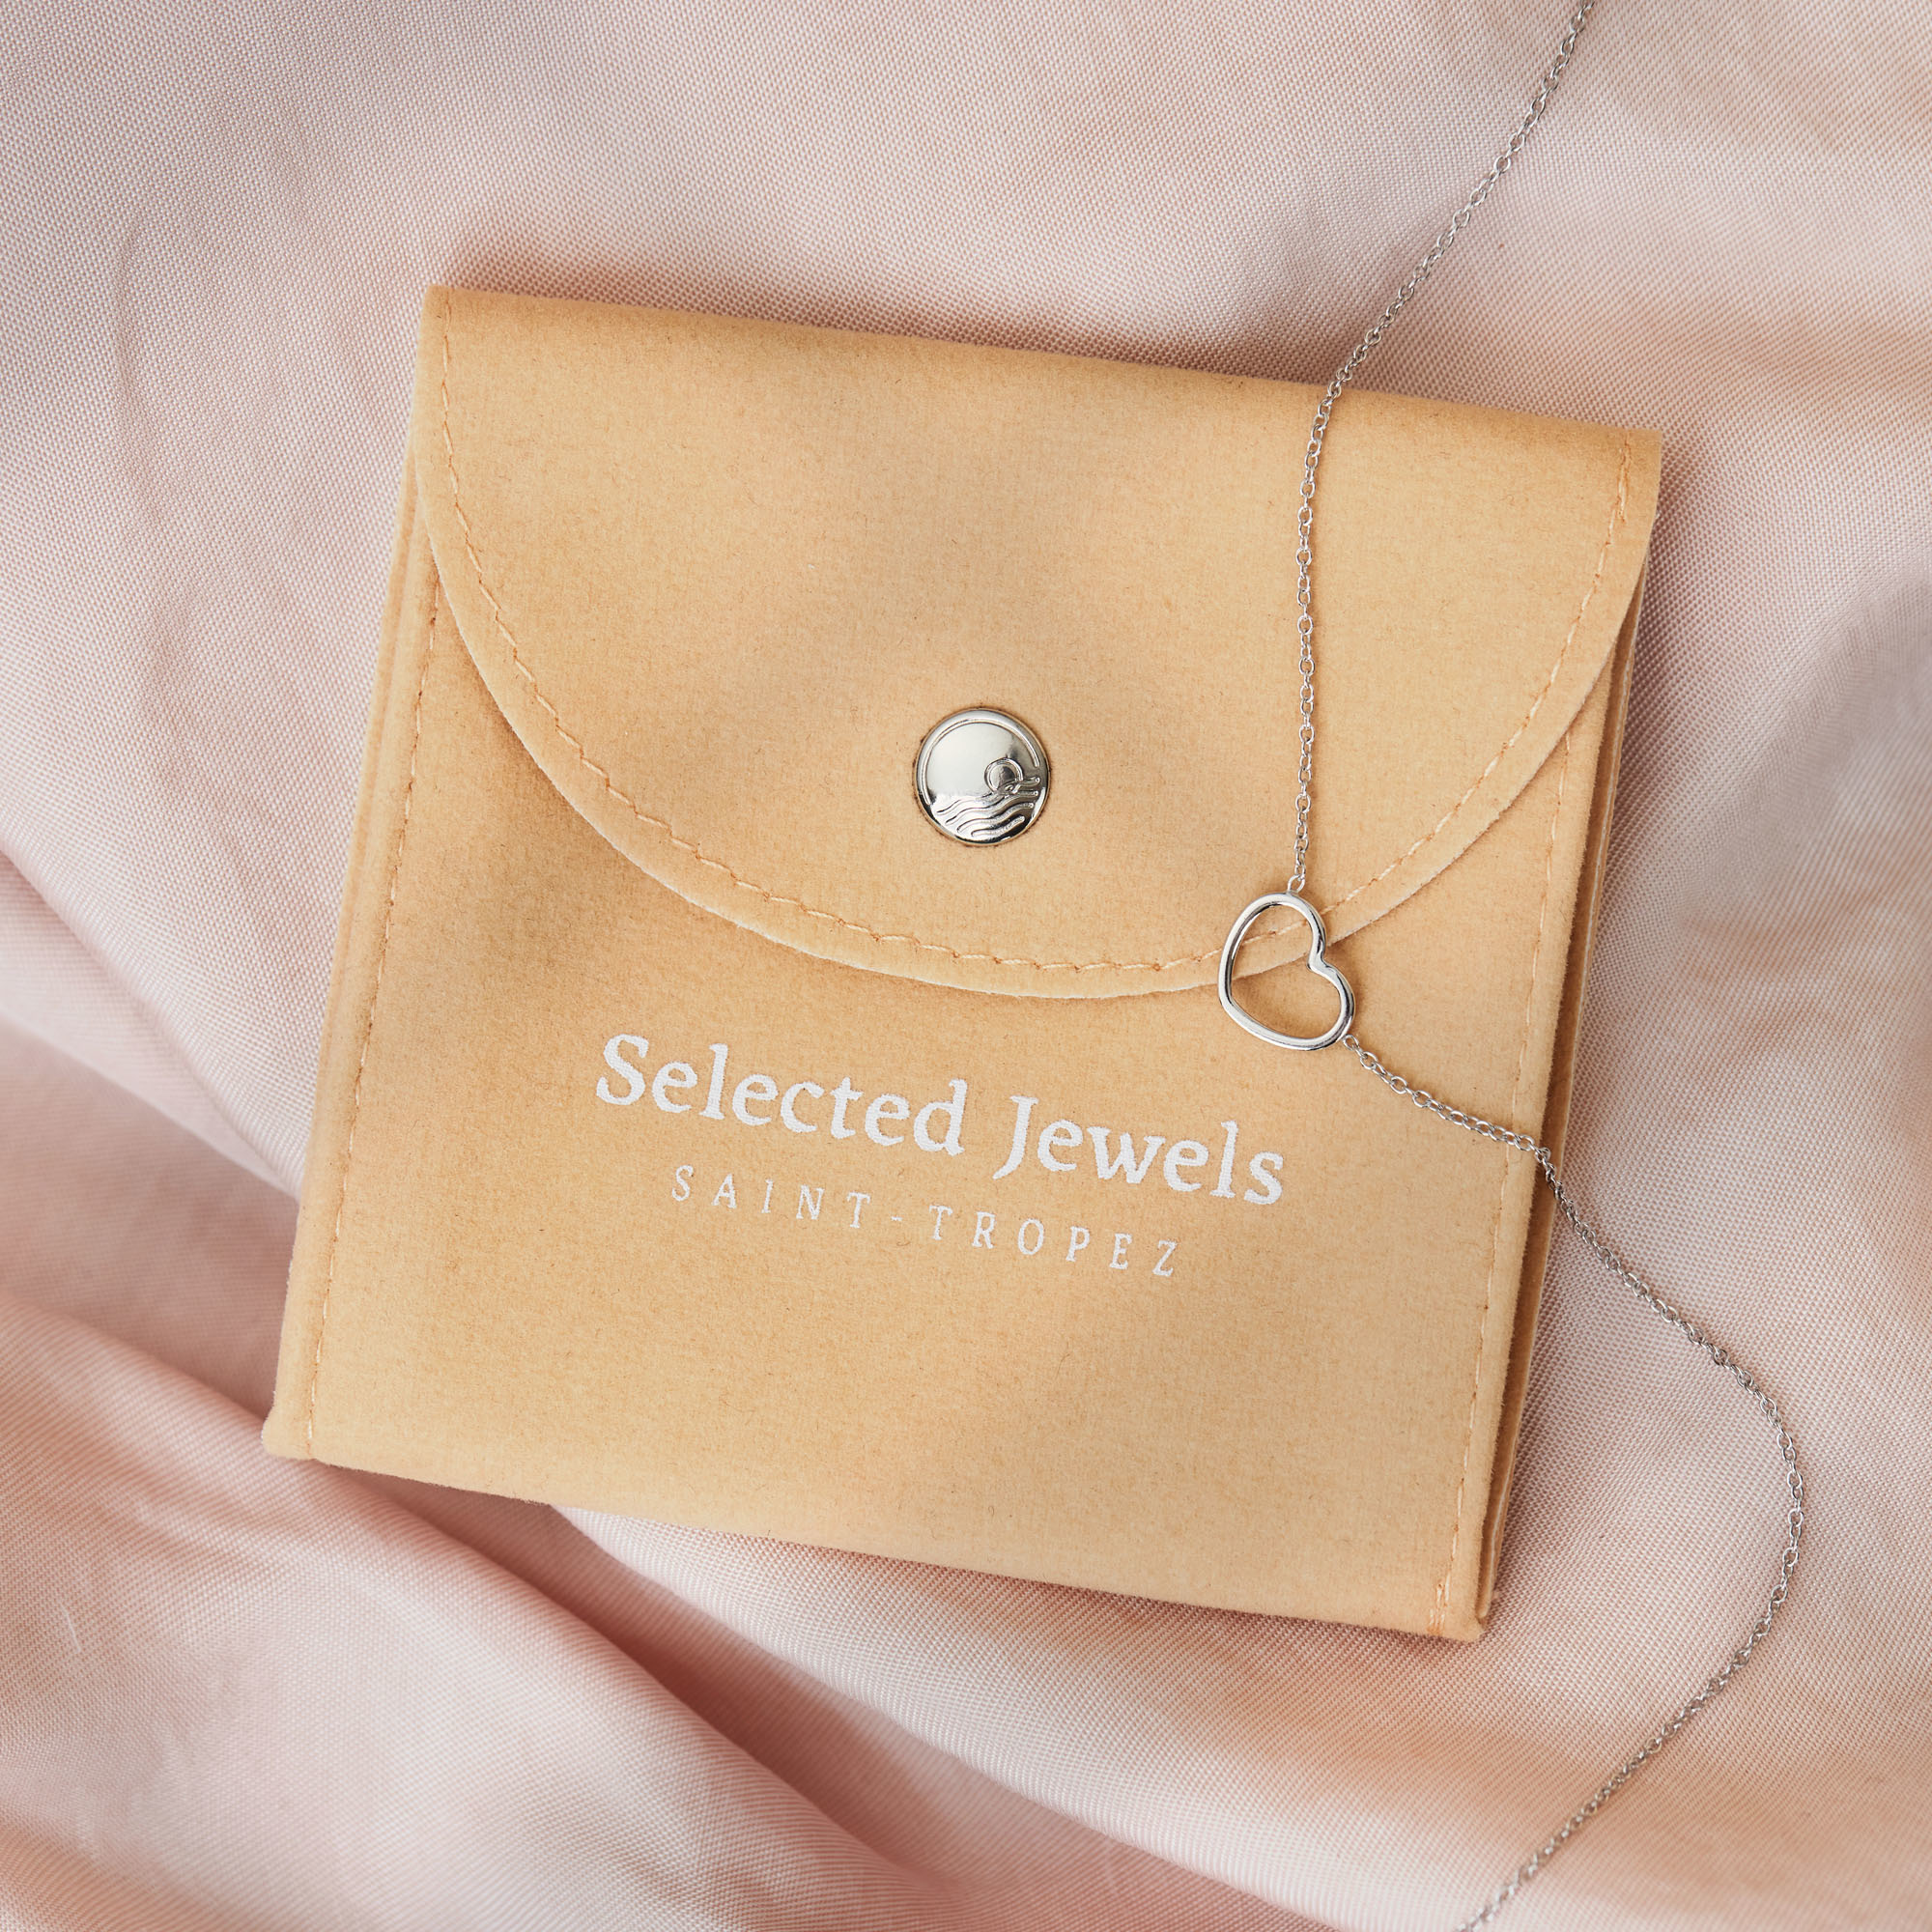 Selected Jewels Julie Emilie 925 sterling silver infinity bracelet